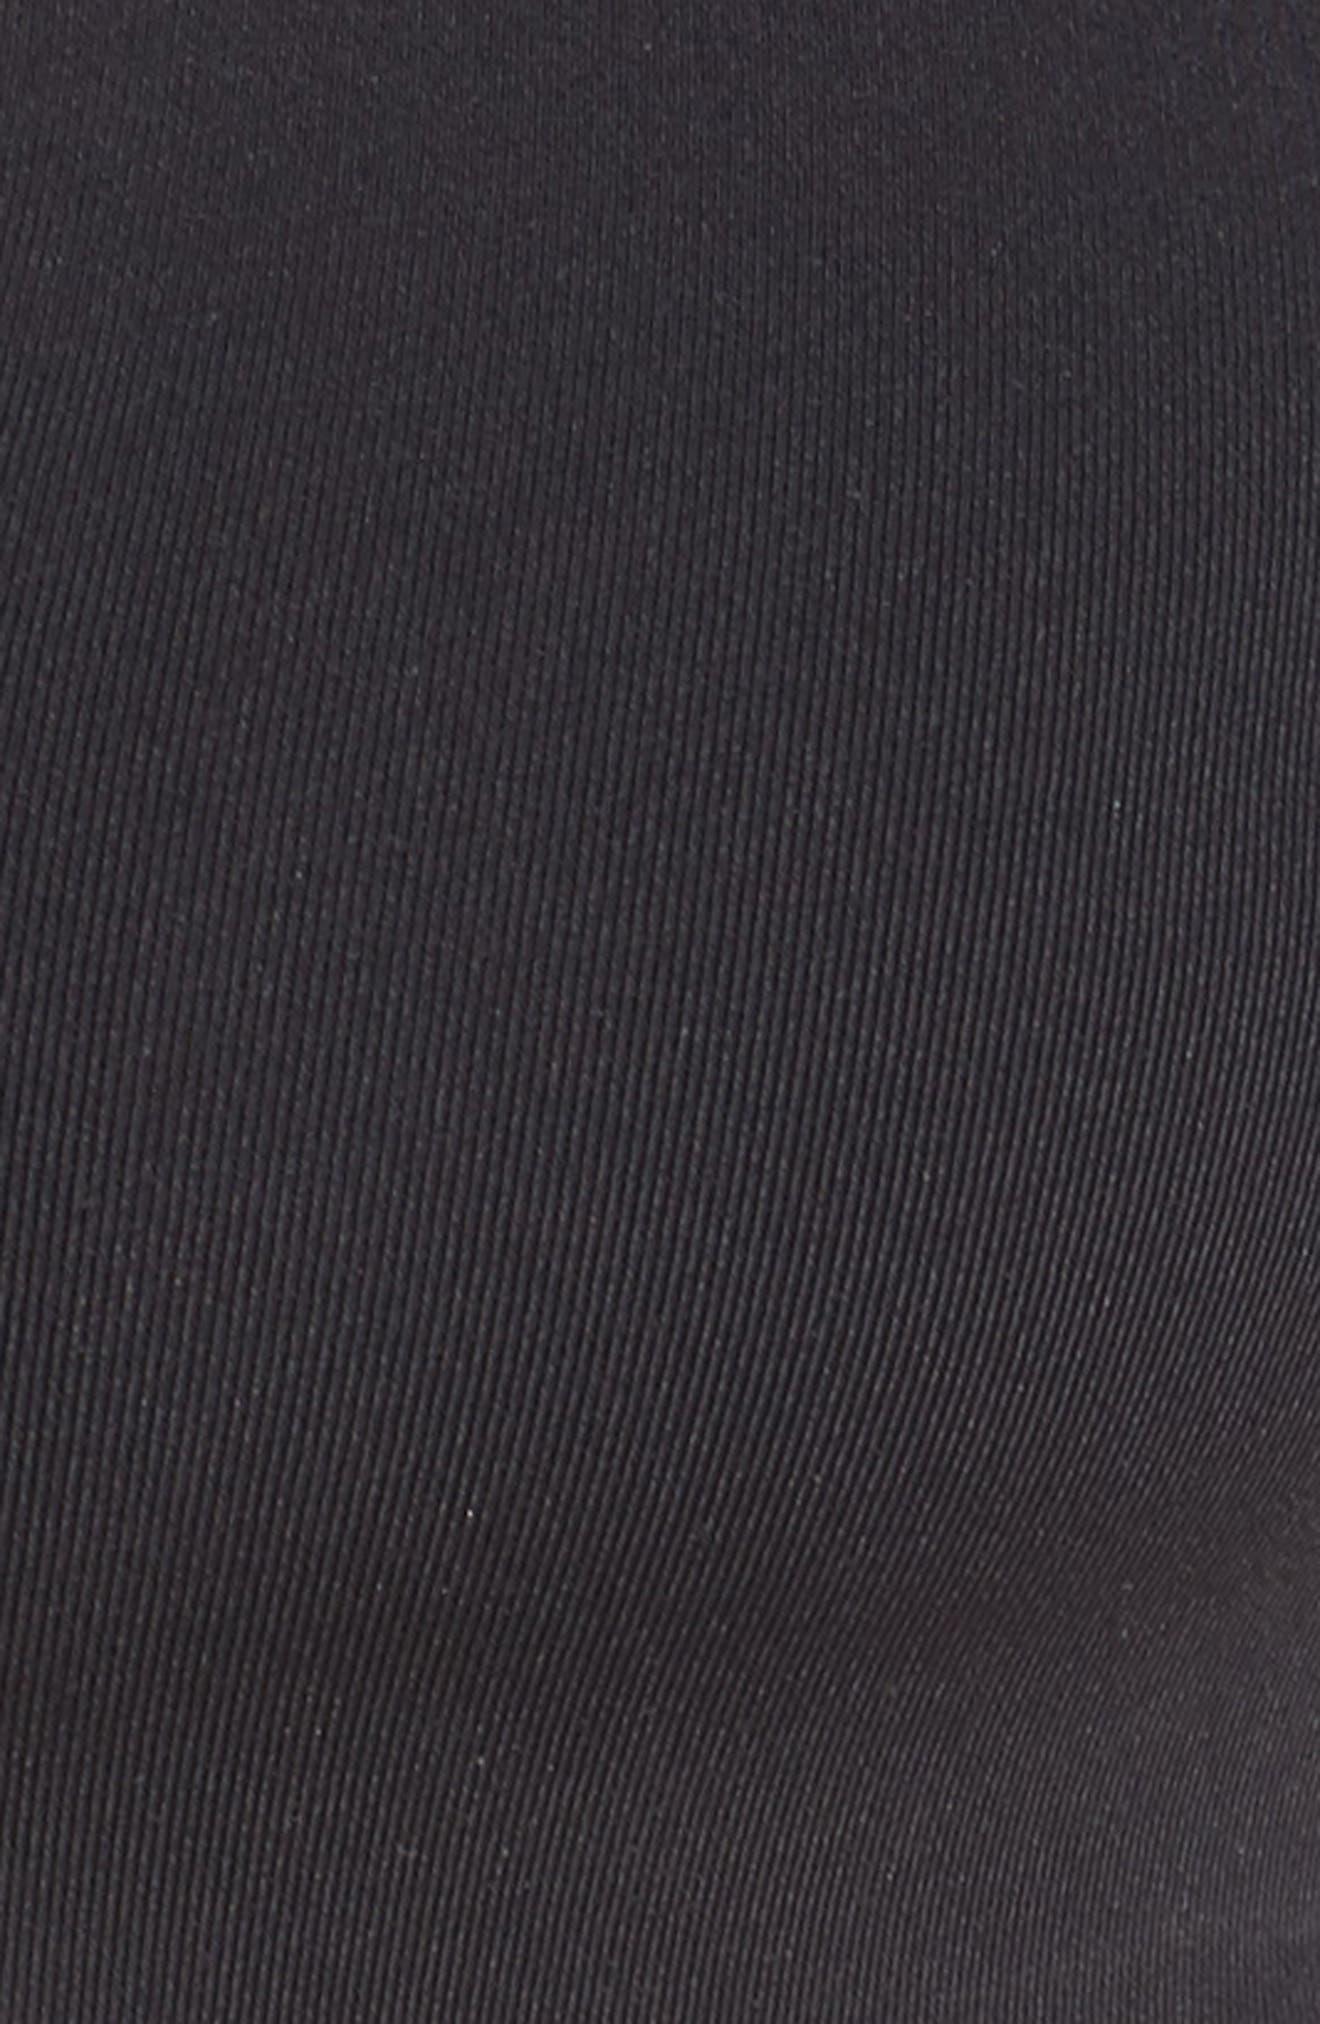 Active Bikini Top,                             Alternate thumbnail 5, color,                             BLACK